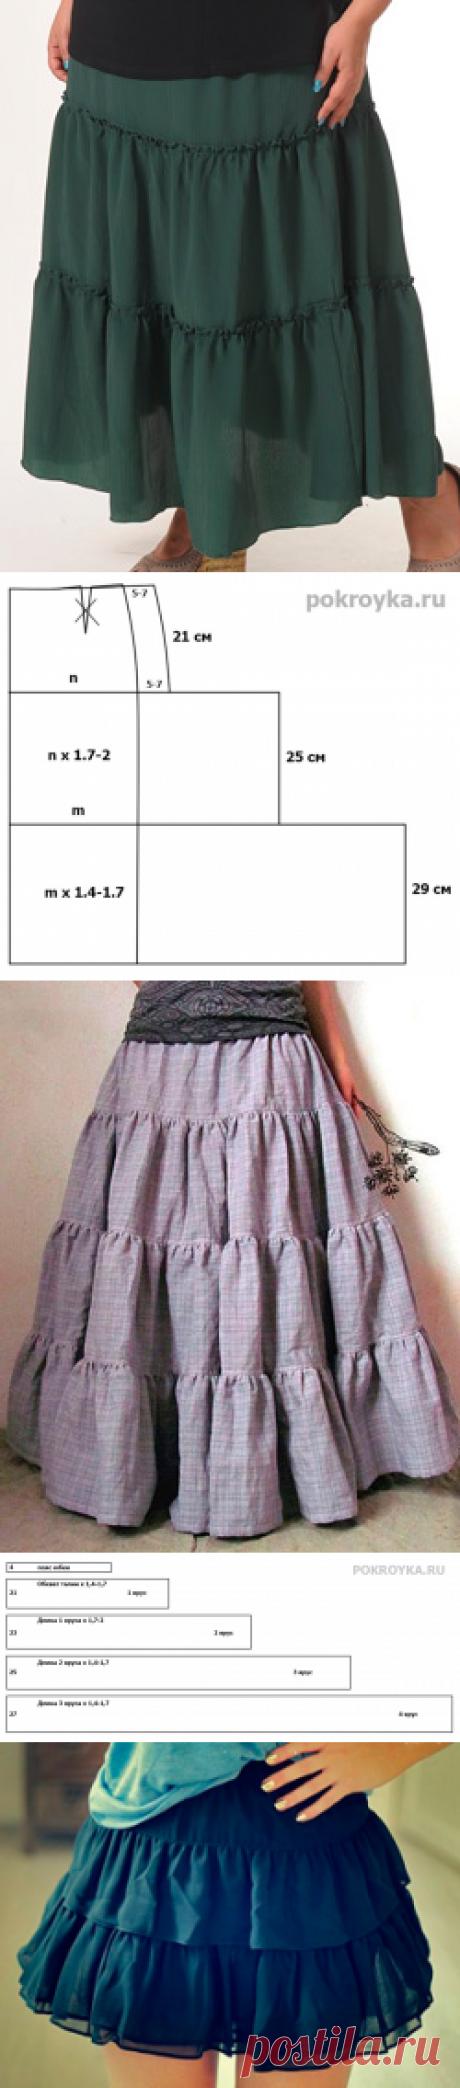 Многоярусная юбка | pokroyka.ru-уроки кроя и шитья